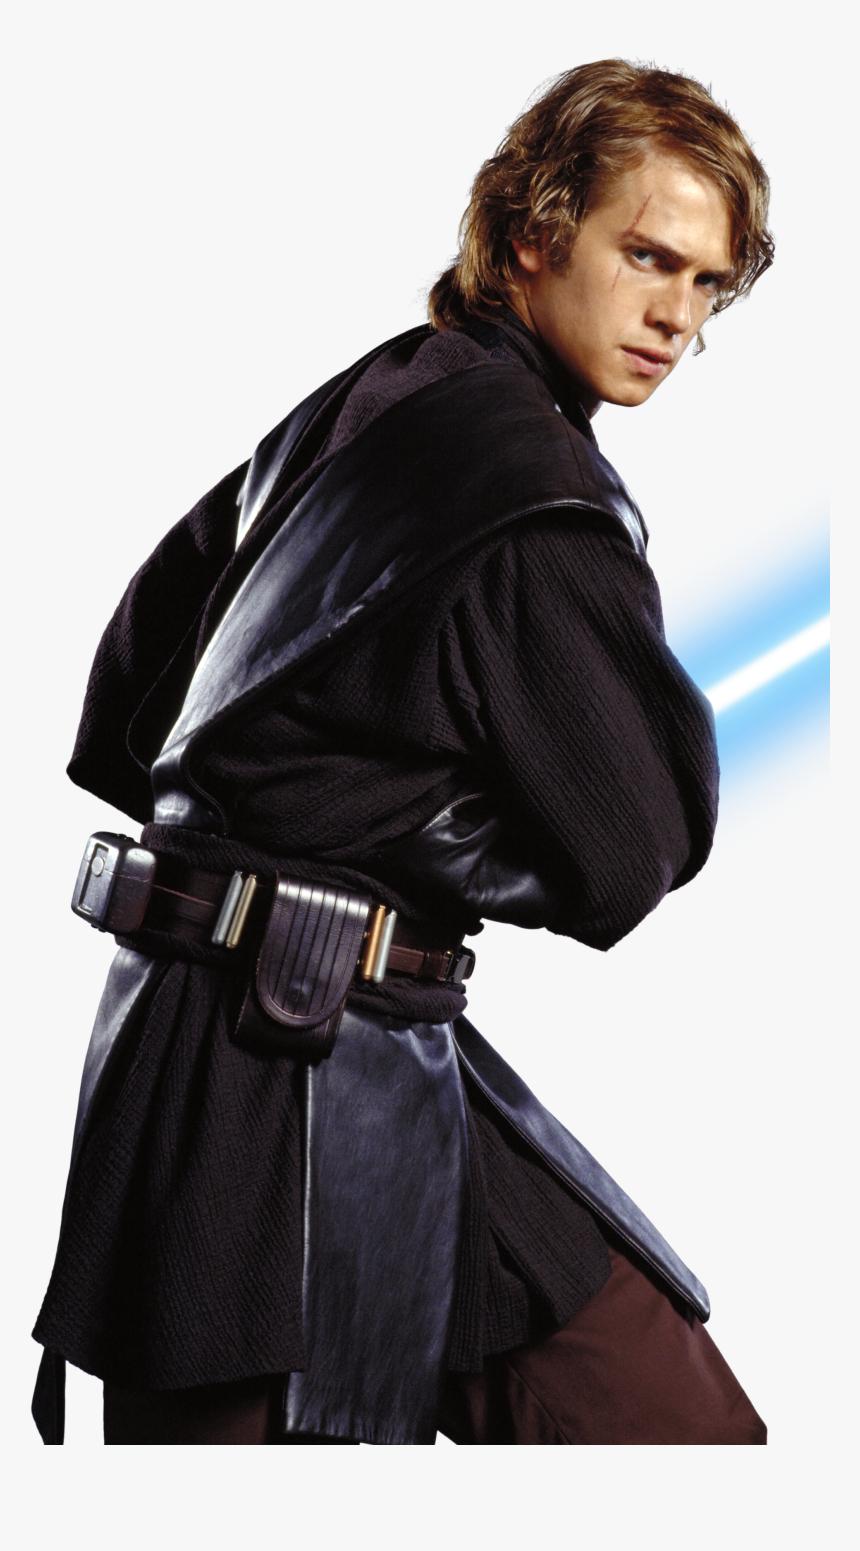 Composite Anakin Vs Sandman - Star Wars Anakin Skywalker Png, Transparent Png, Free Download